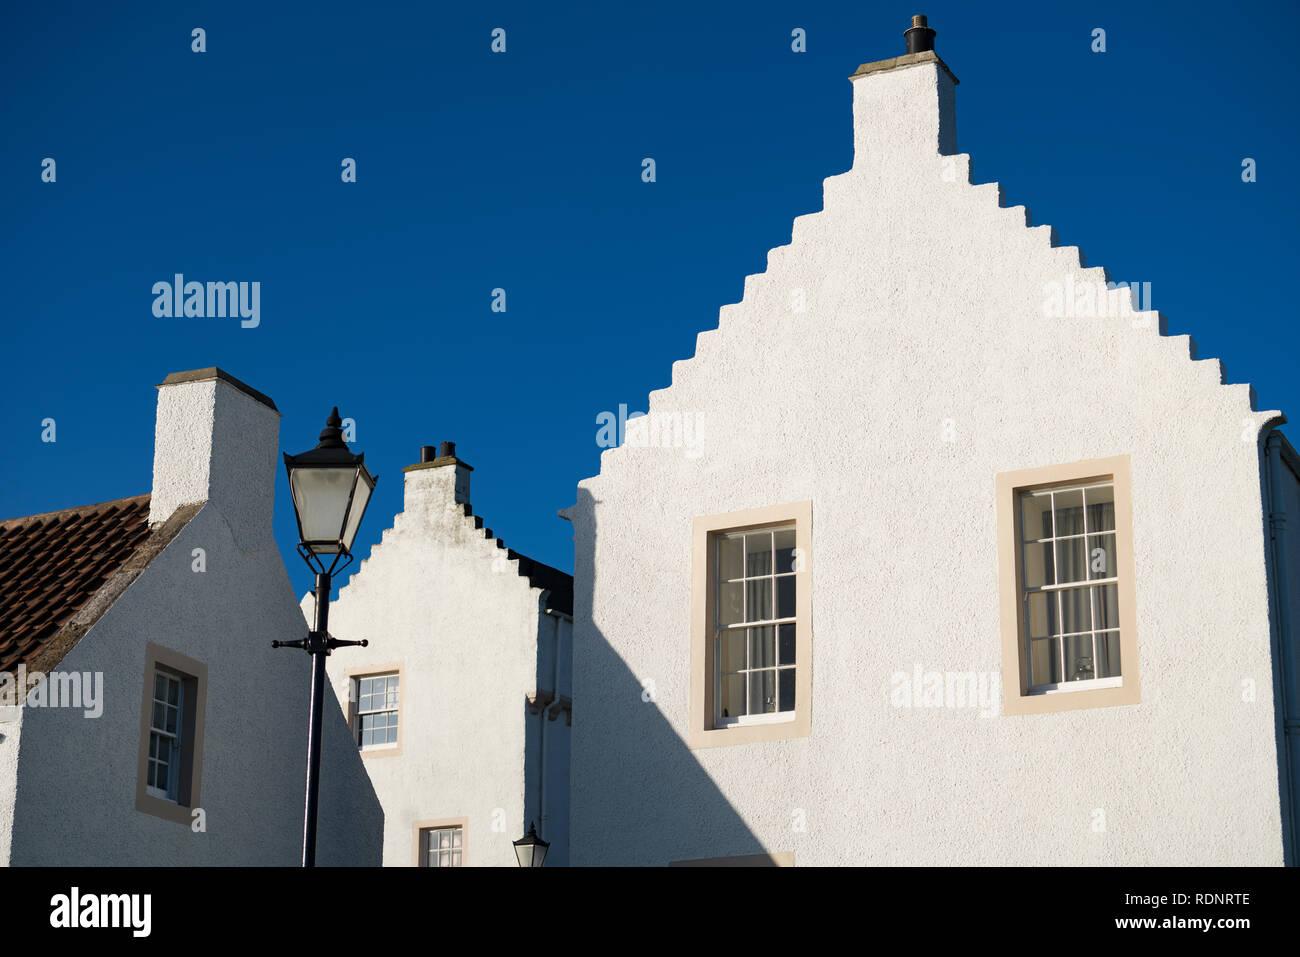 Vieilles maisons blanchies à la chaux à Pan Ha' à Dysart dans Kirkcaldy , Fife, Scotland, UK Photo Stock